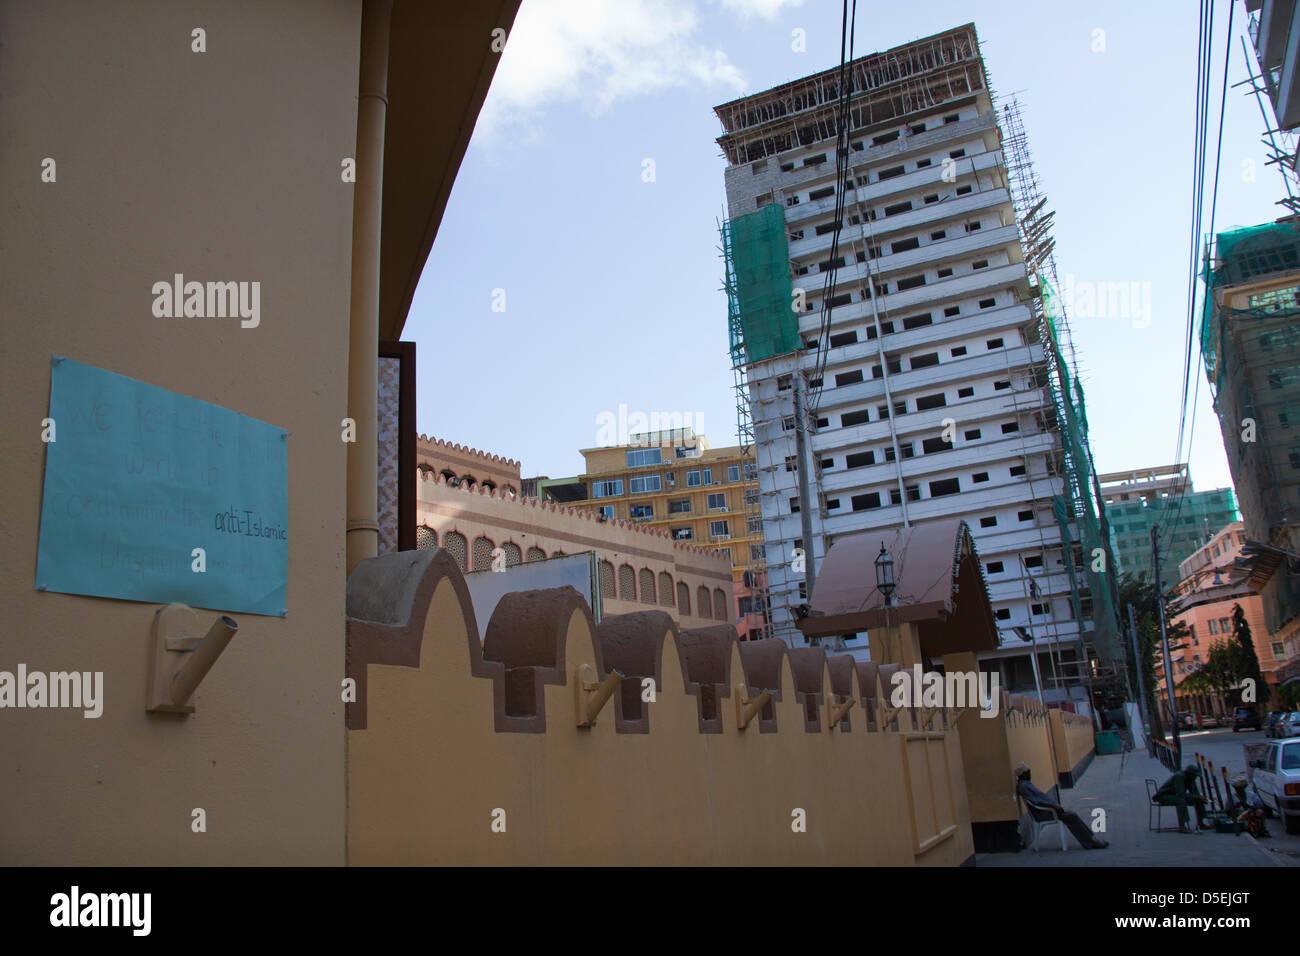 Dar es Salaam, Tanzanie. Bâtiment à côté de la mosquée Shia Ithnasheri, dans le centre Photo Stock